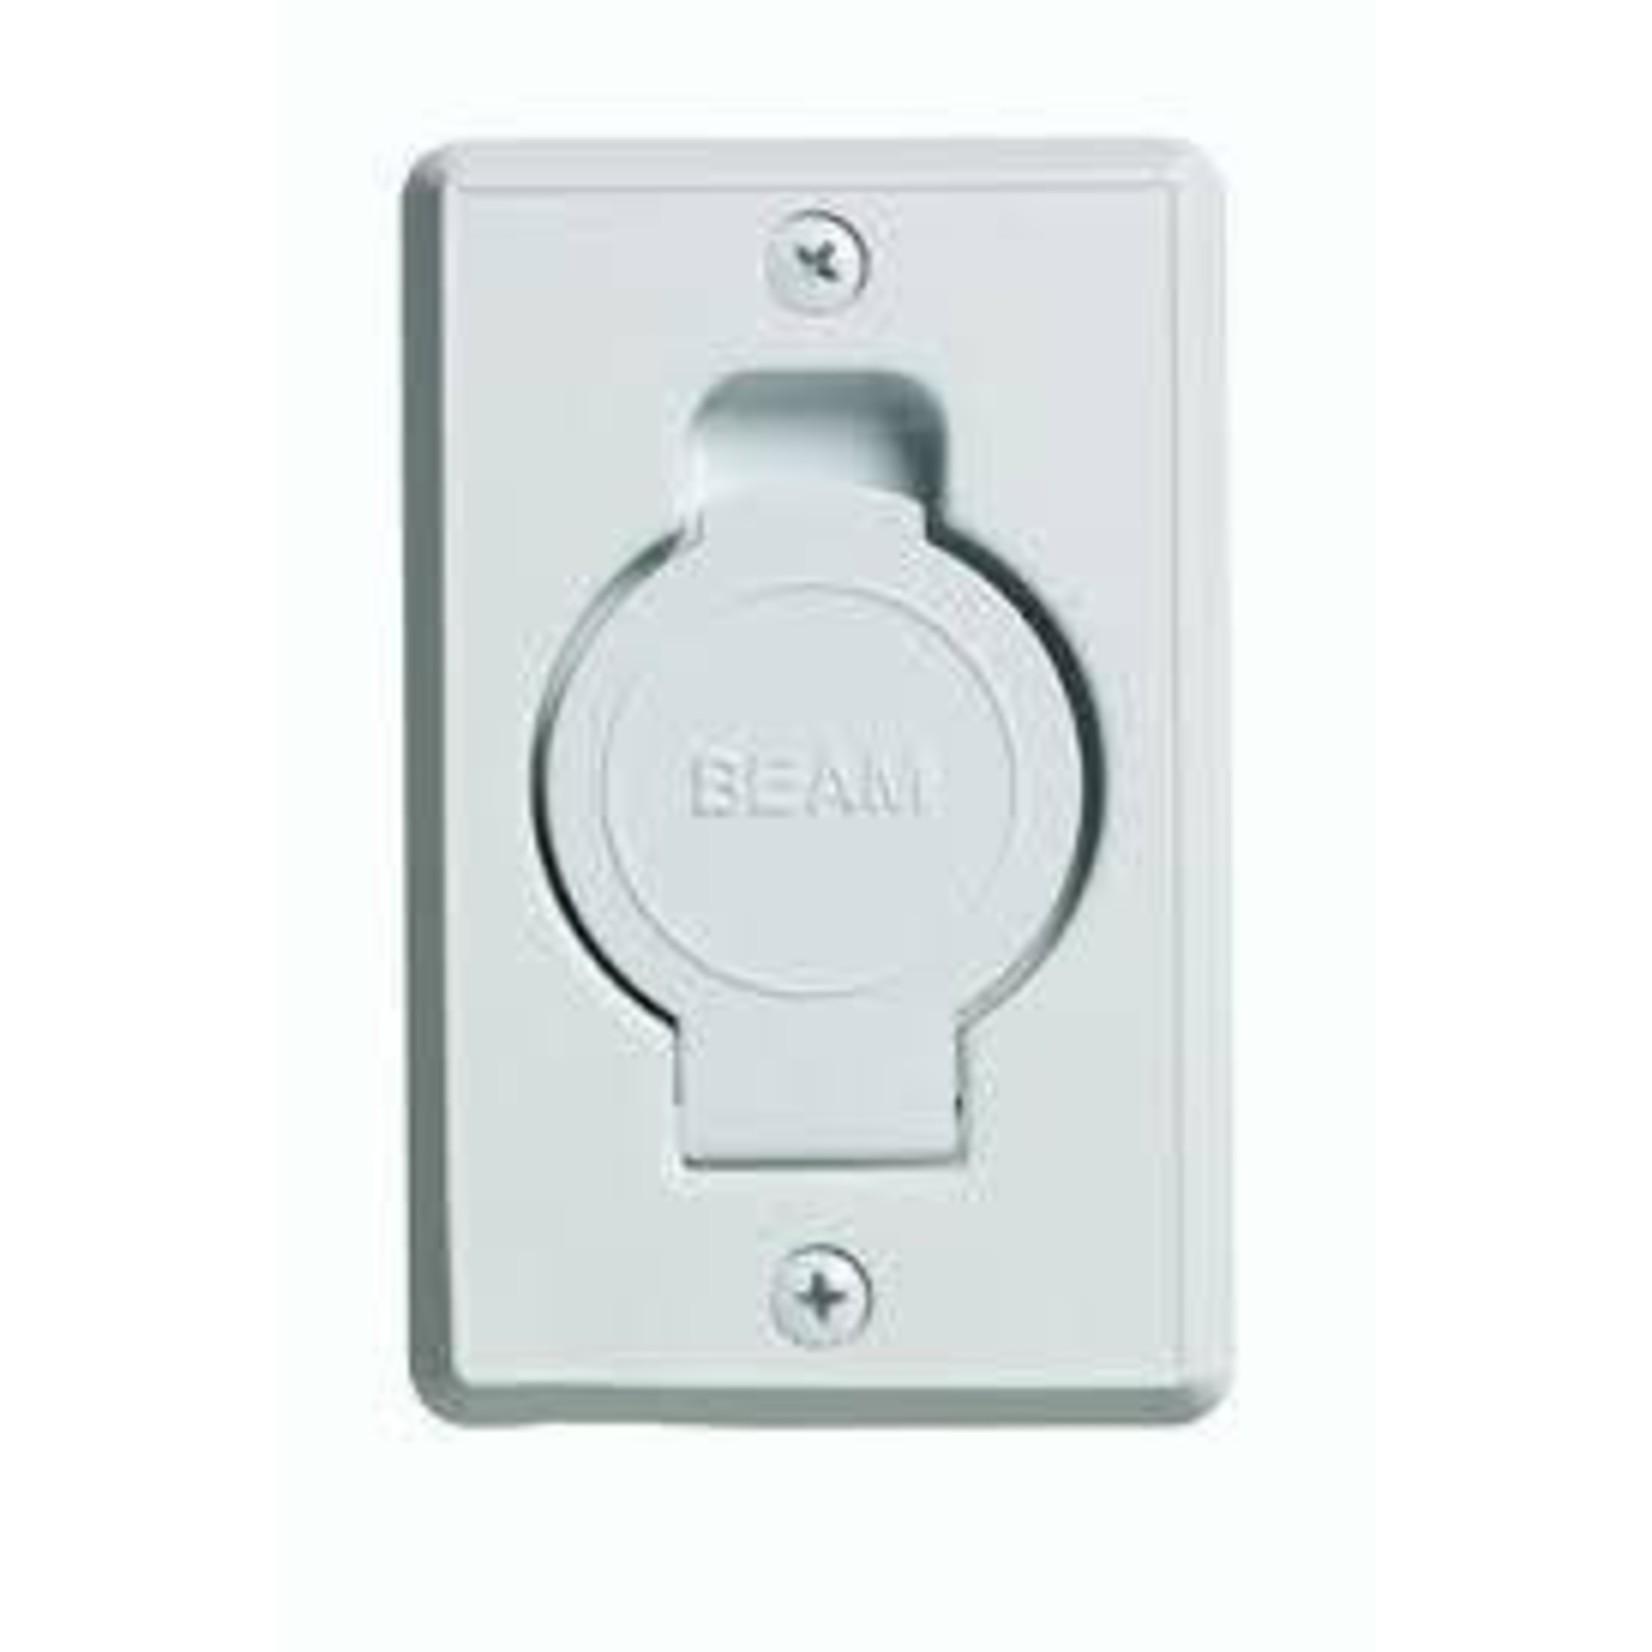 Plastiflex Beam Round Door Valve (Low Volt) - White (24pk)